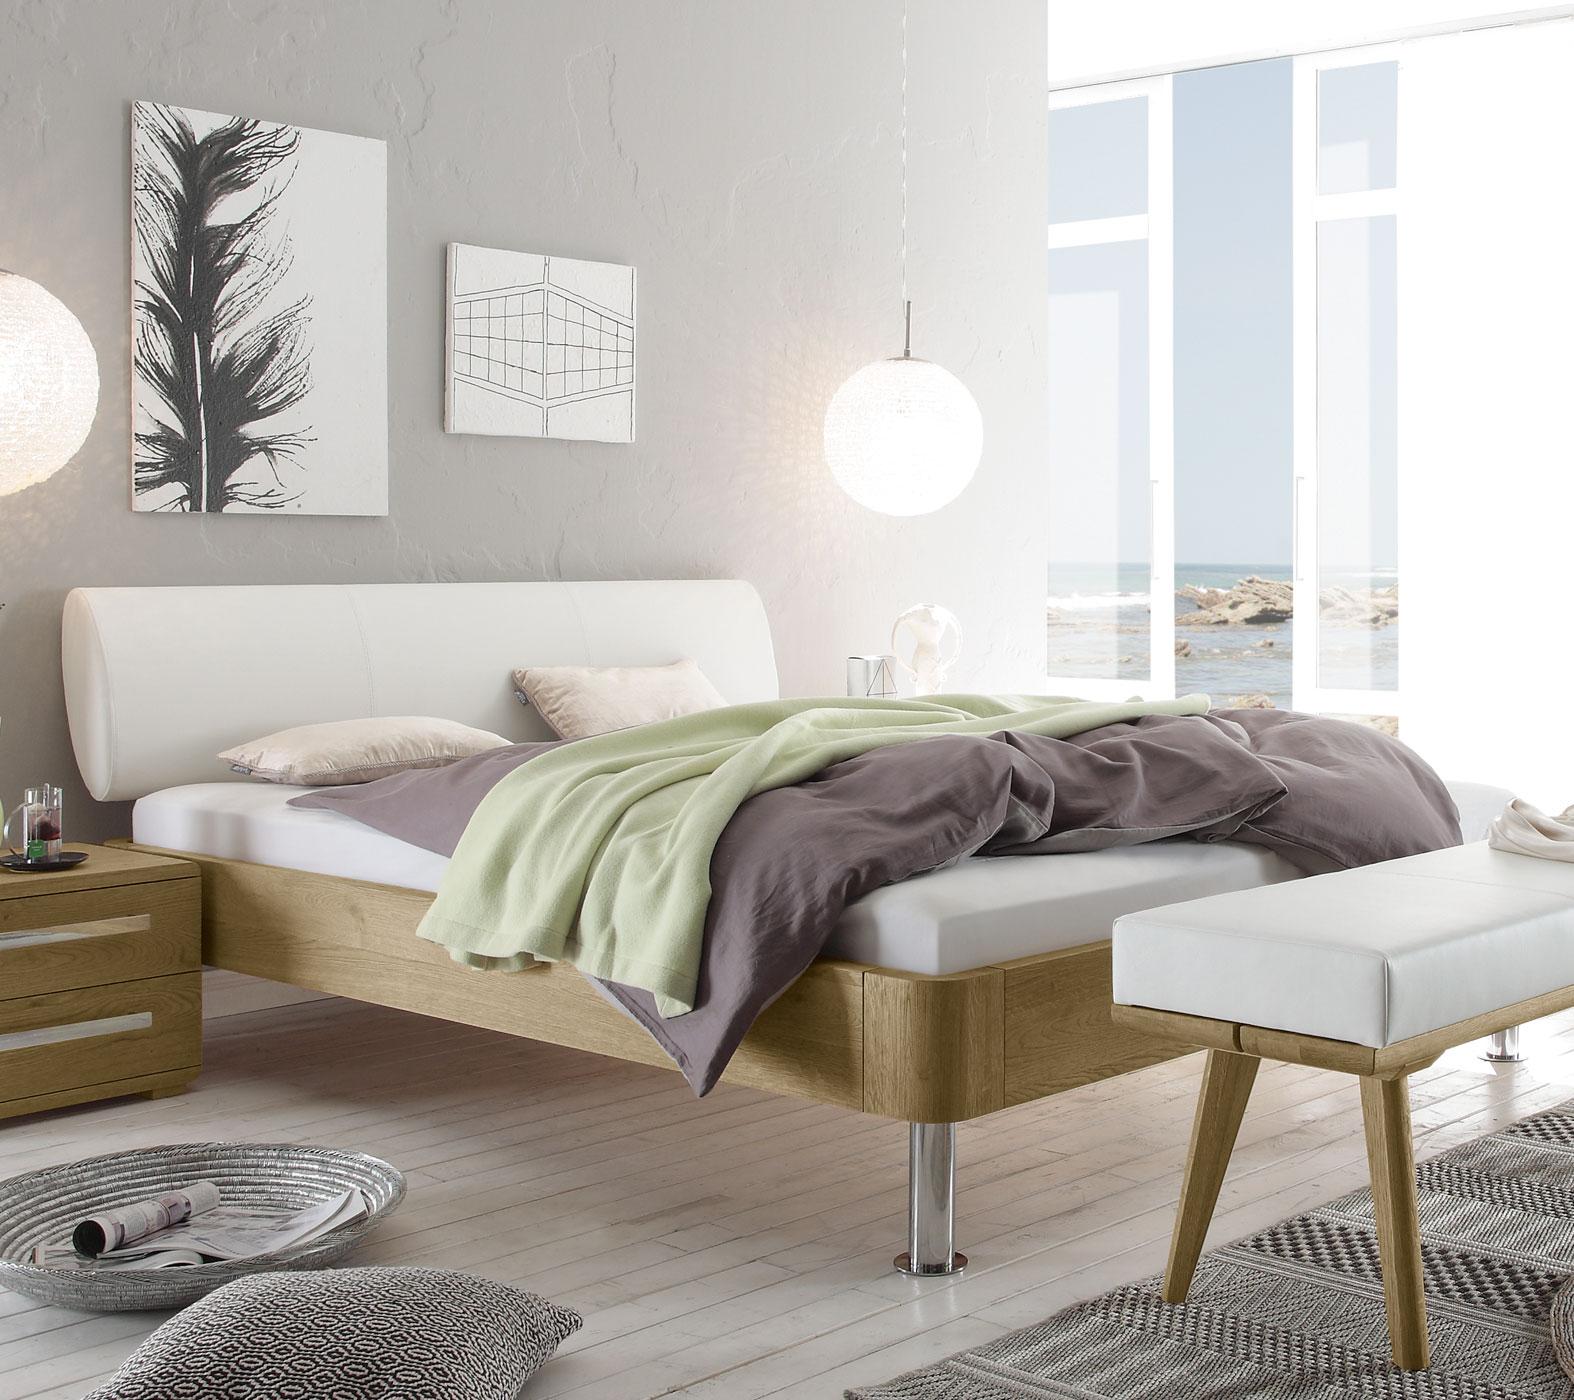 Fantastisch Doppelbett Plattformrahmen Ideen - Benutzerdefinierte ...